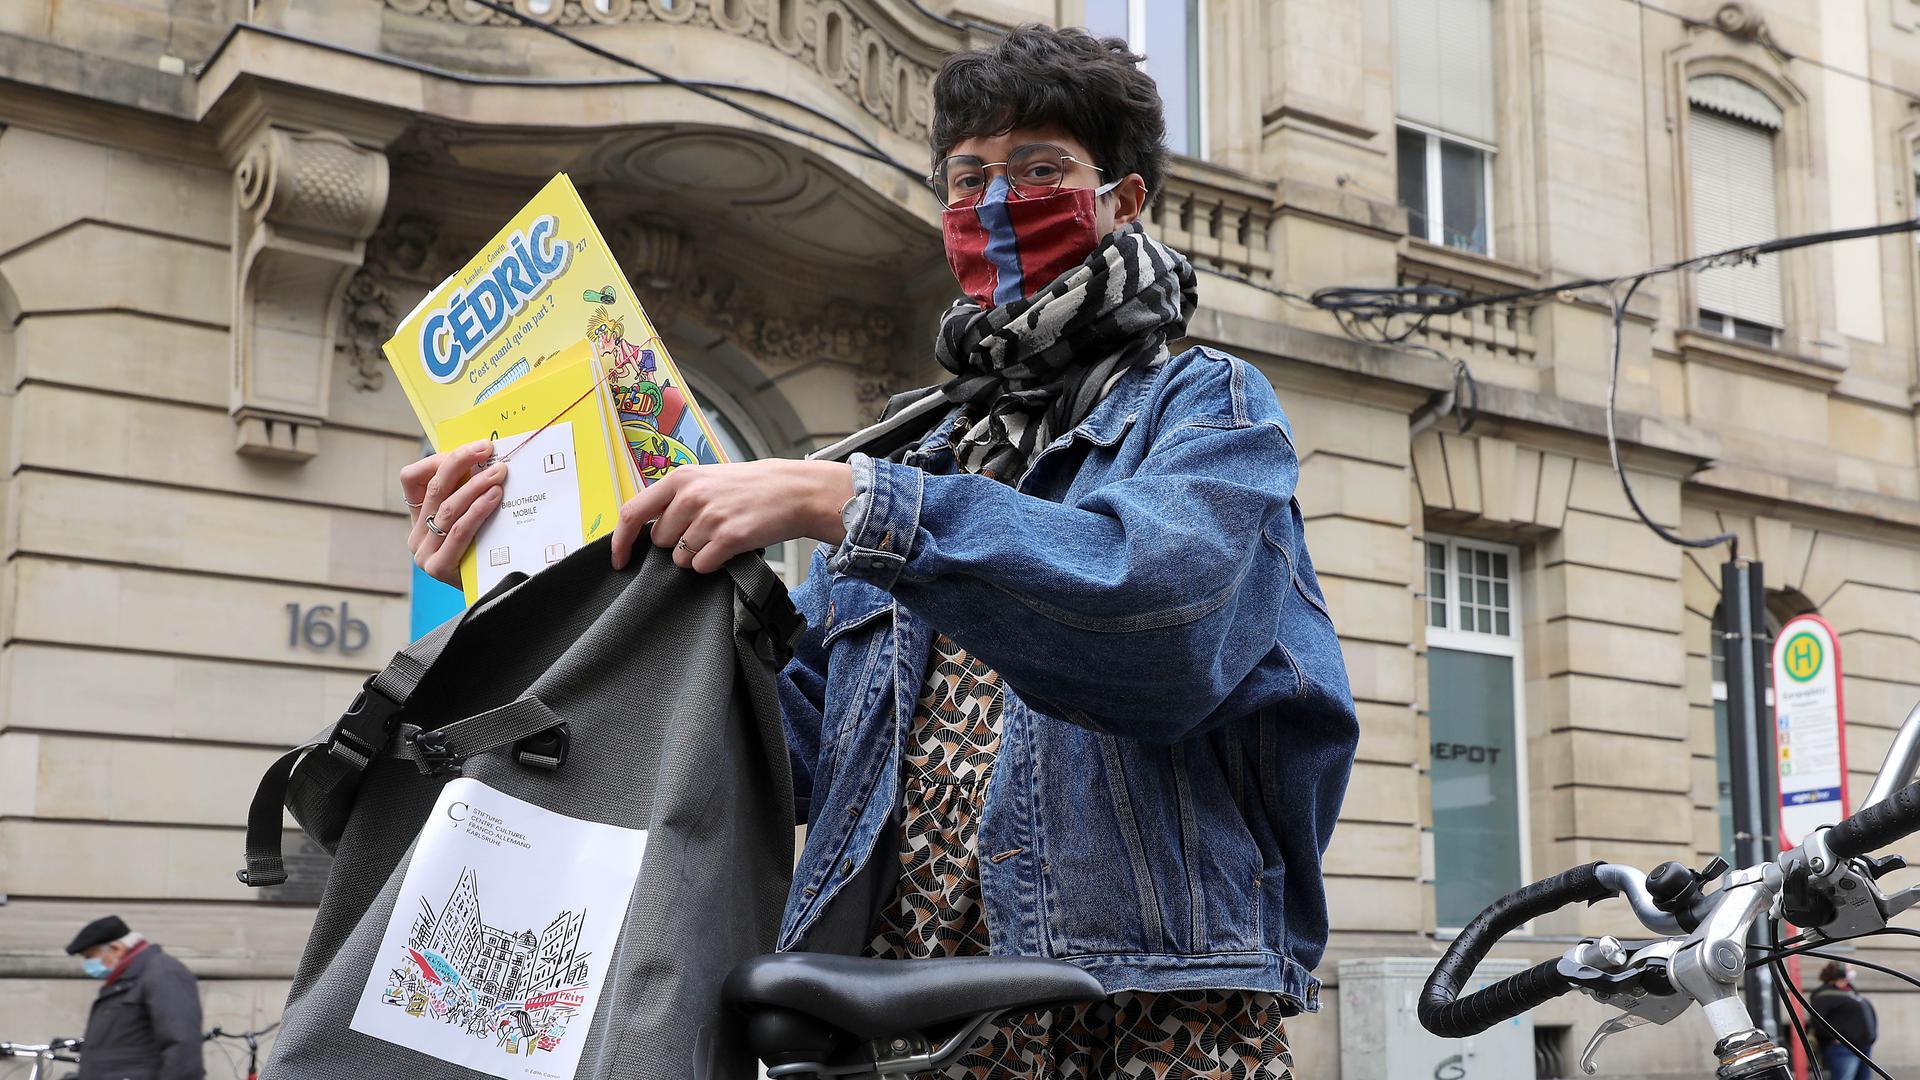 CCFA-Volontärin Cloé Miglioli packt eine Bestellung von Büchern aus der Mediathek in ihre Fahrradtasche.